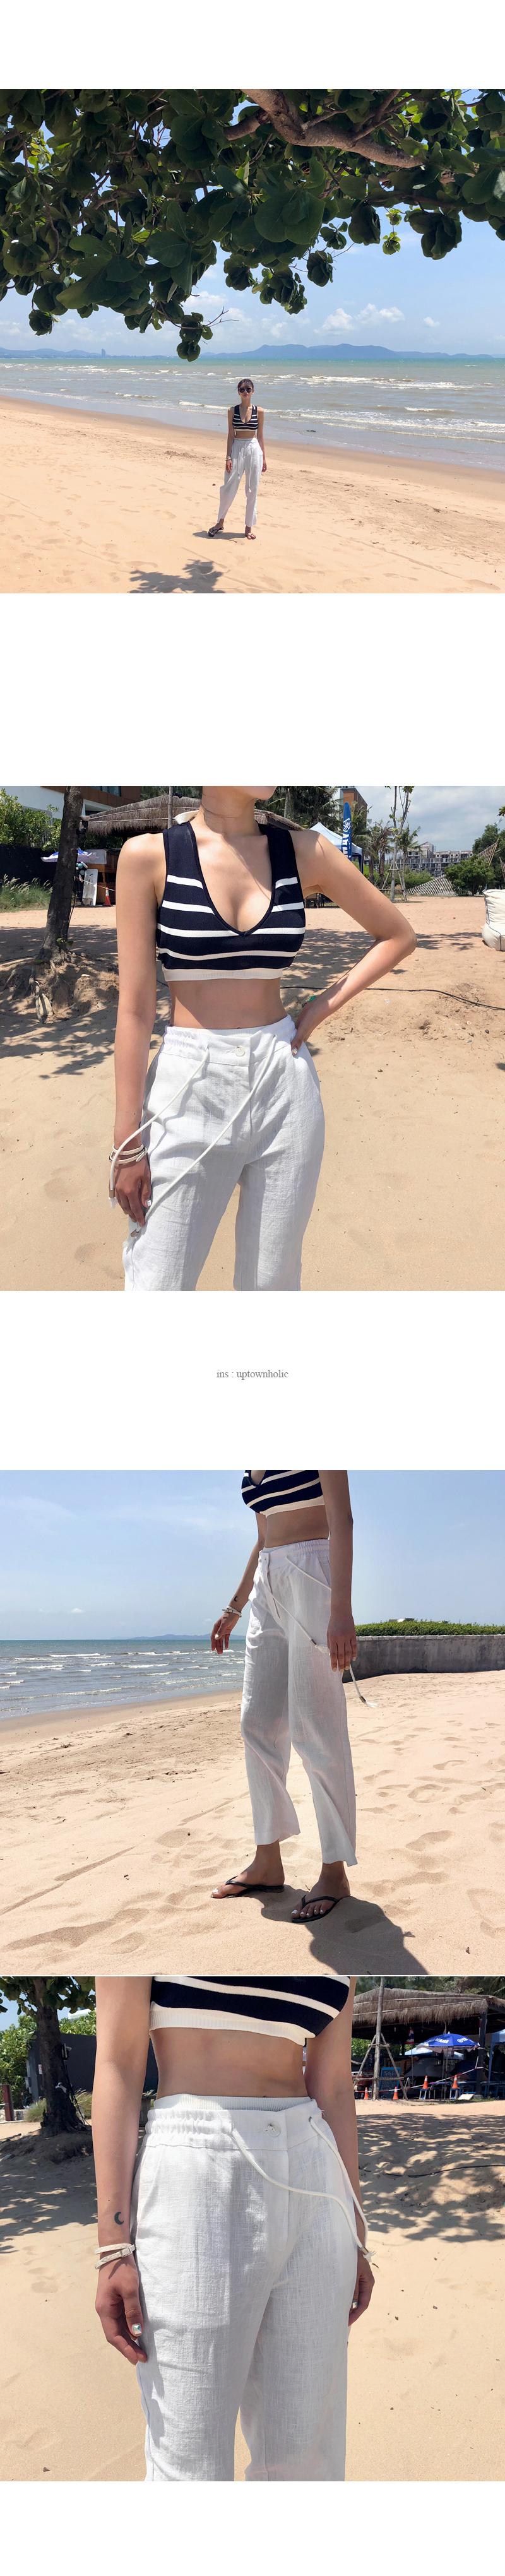 Angelo bikini